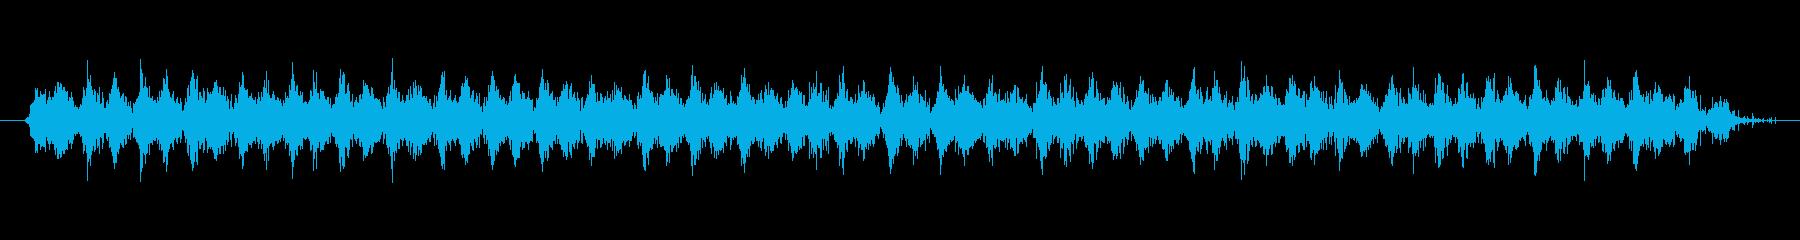 シェーカー ウッドラフラトルスロー...の再生済みの波形